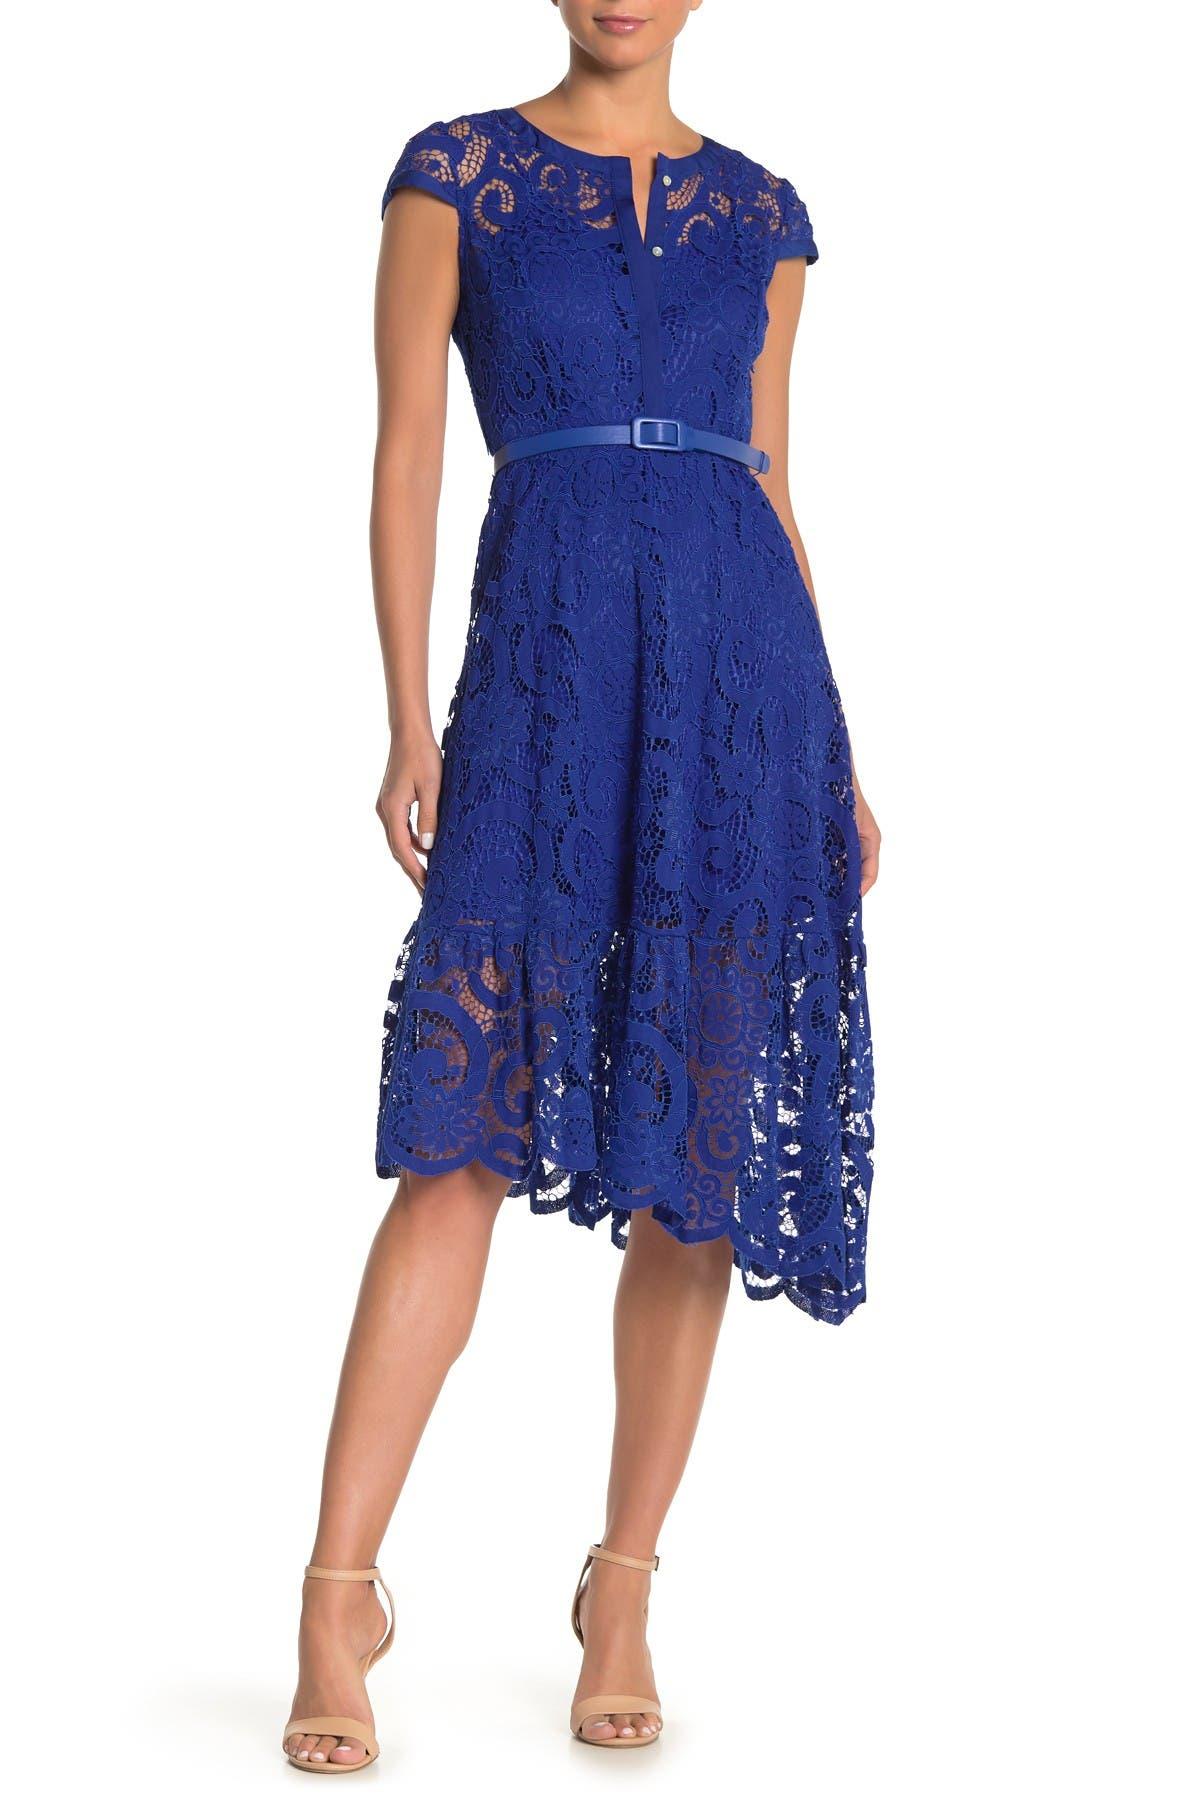 Image of NANETTE nanette lepore Cap Sleeve Lace Dress